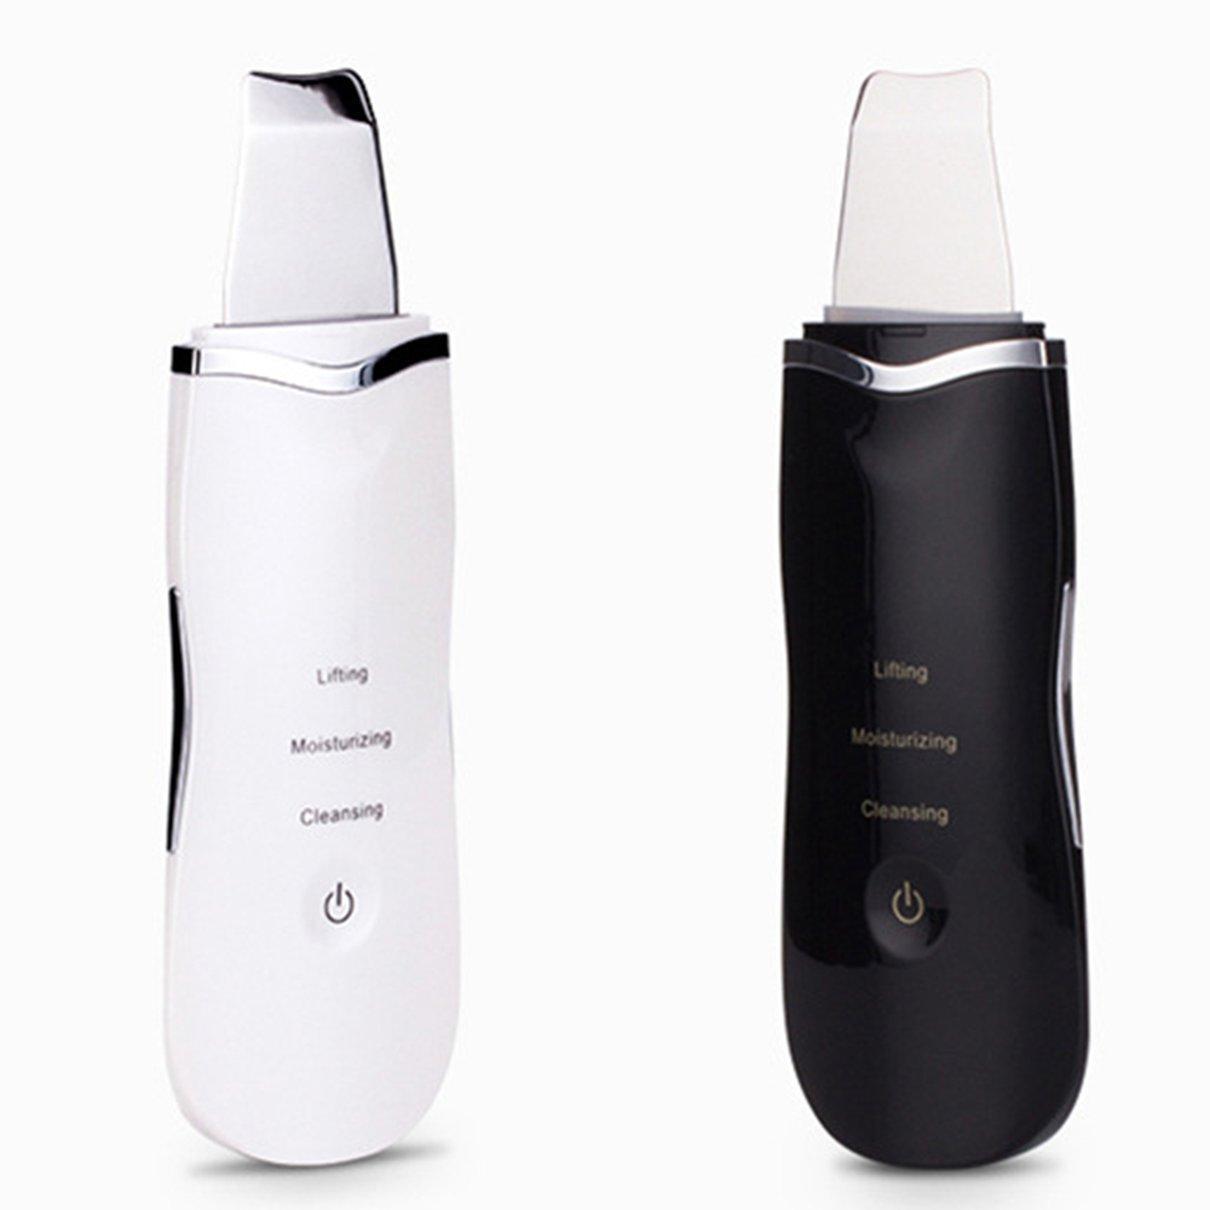 Ультразвуковой скрабер для чистки лица на аккумуляторе - фото 2